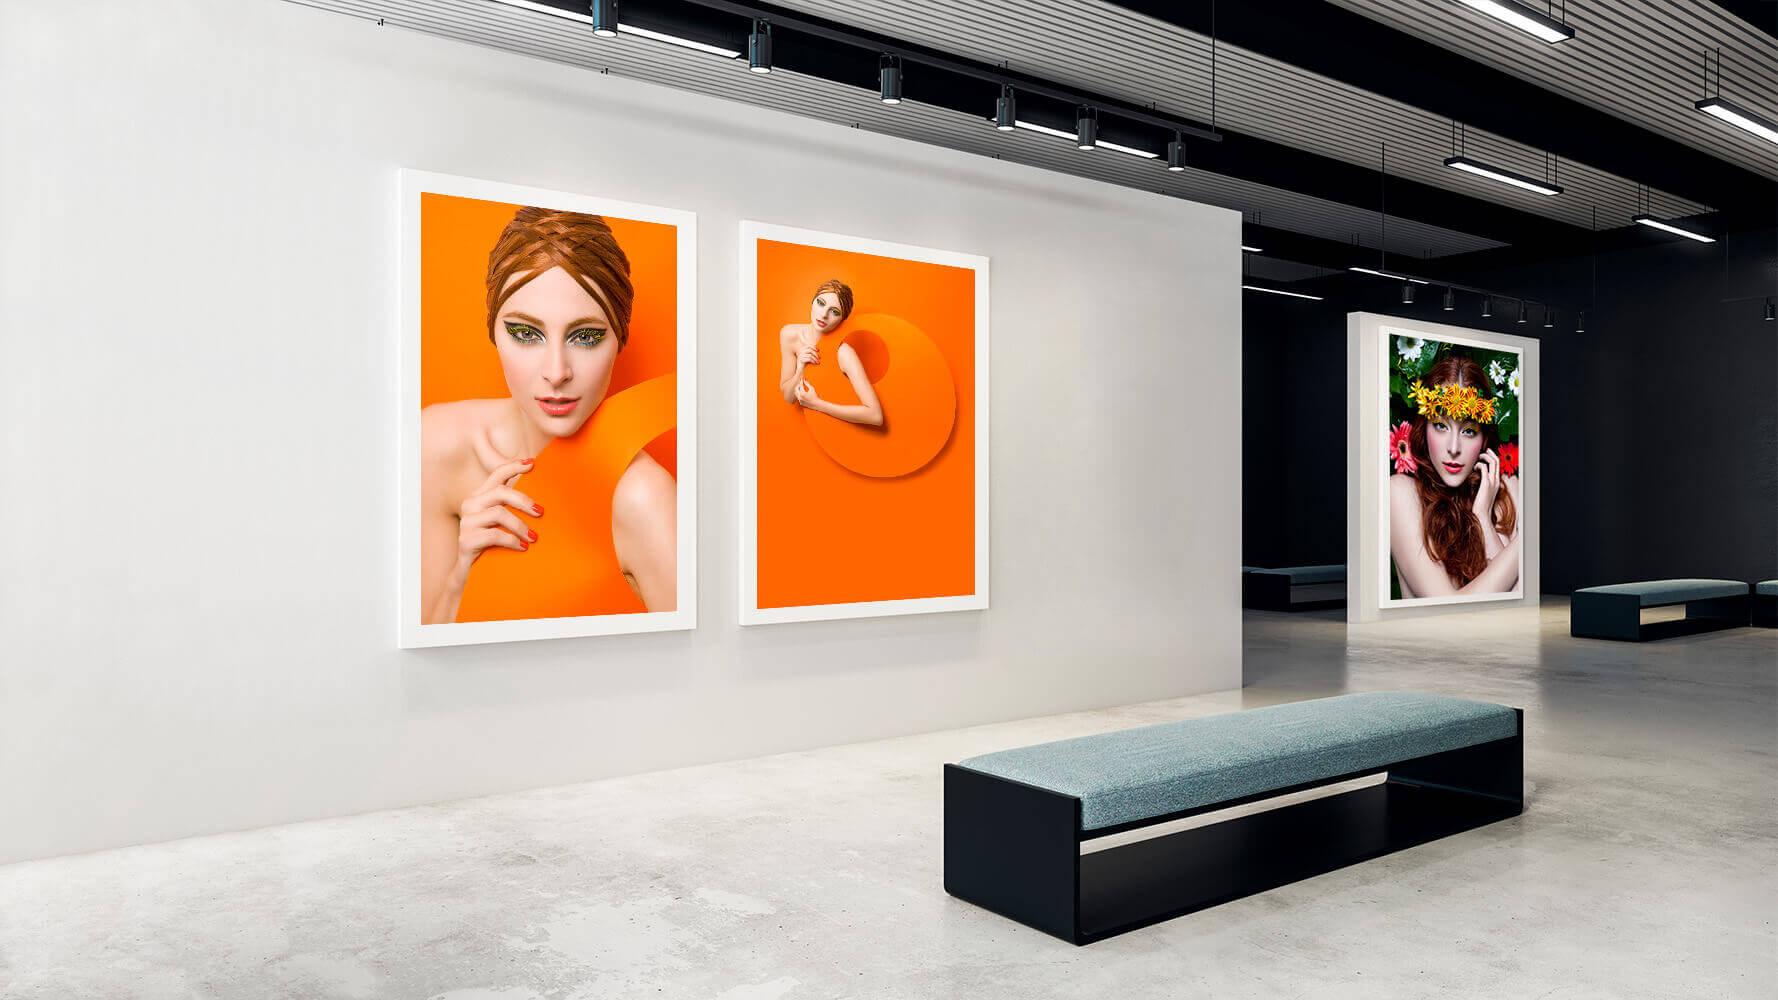 Angel-ruiz-ruiz-exposicion-venus-vere-lete-papillon-Horno-Virtual-Gallery-galeria-arte-fotografia-artistica-edicion-limitada-decoracion-2